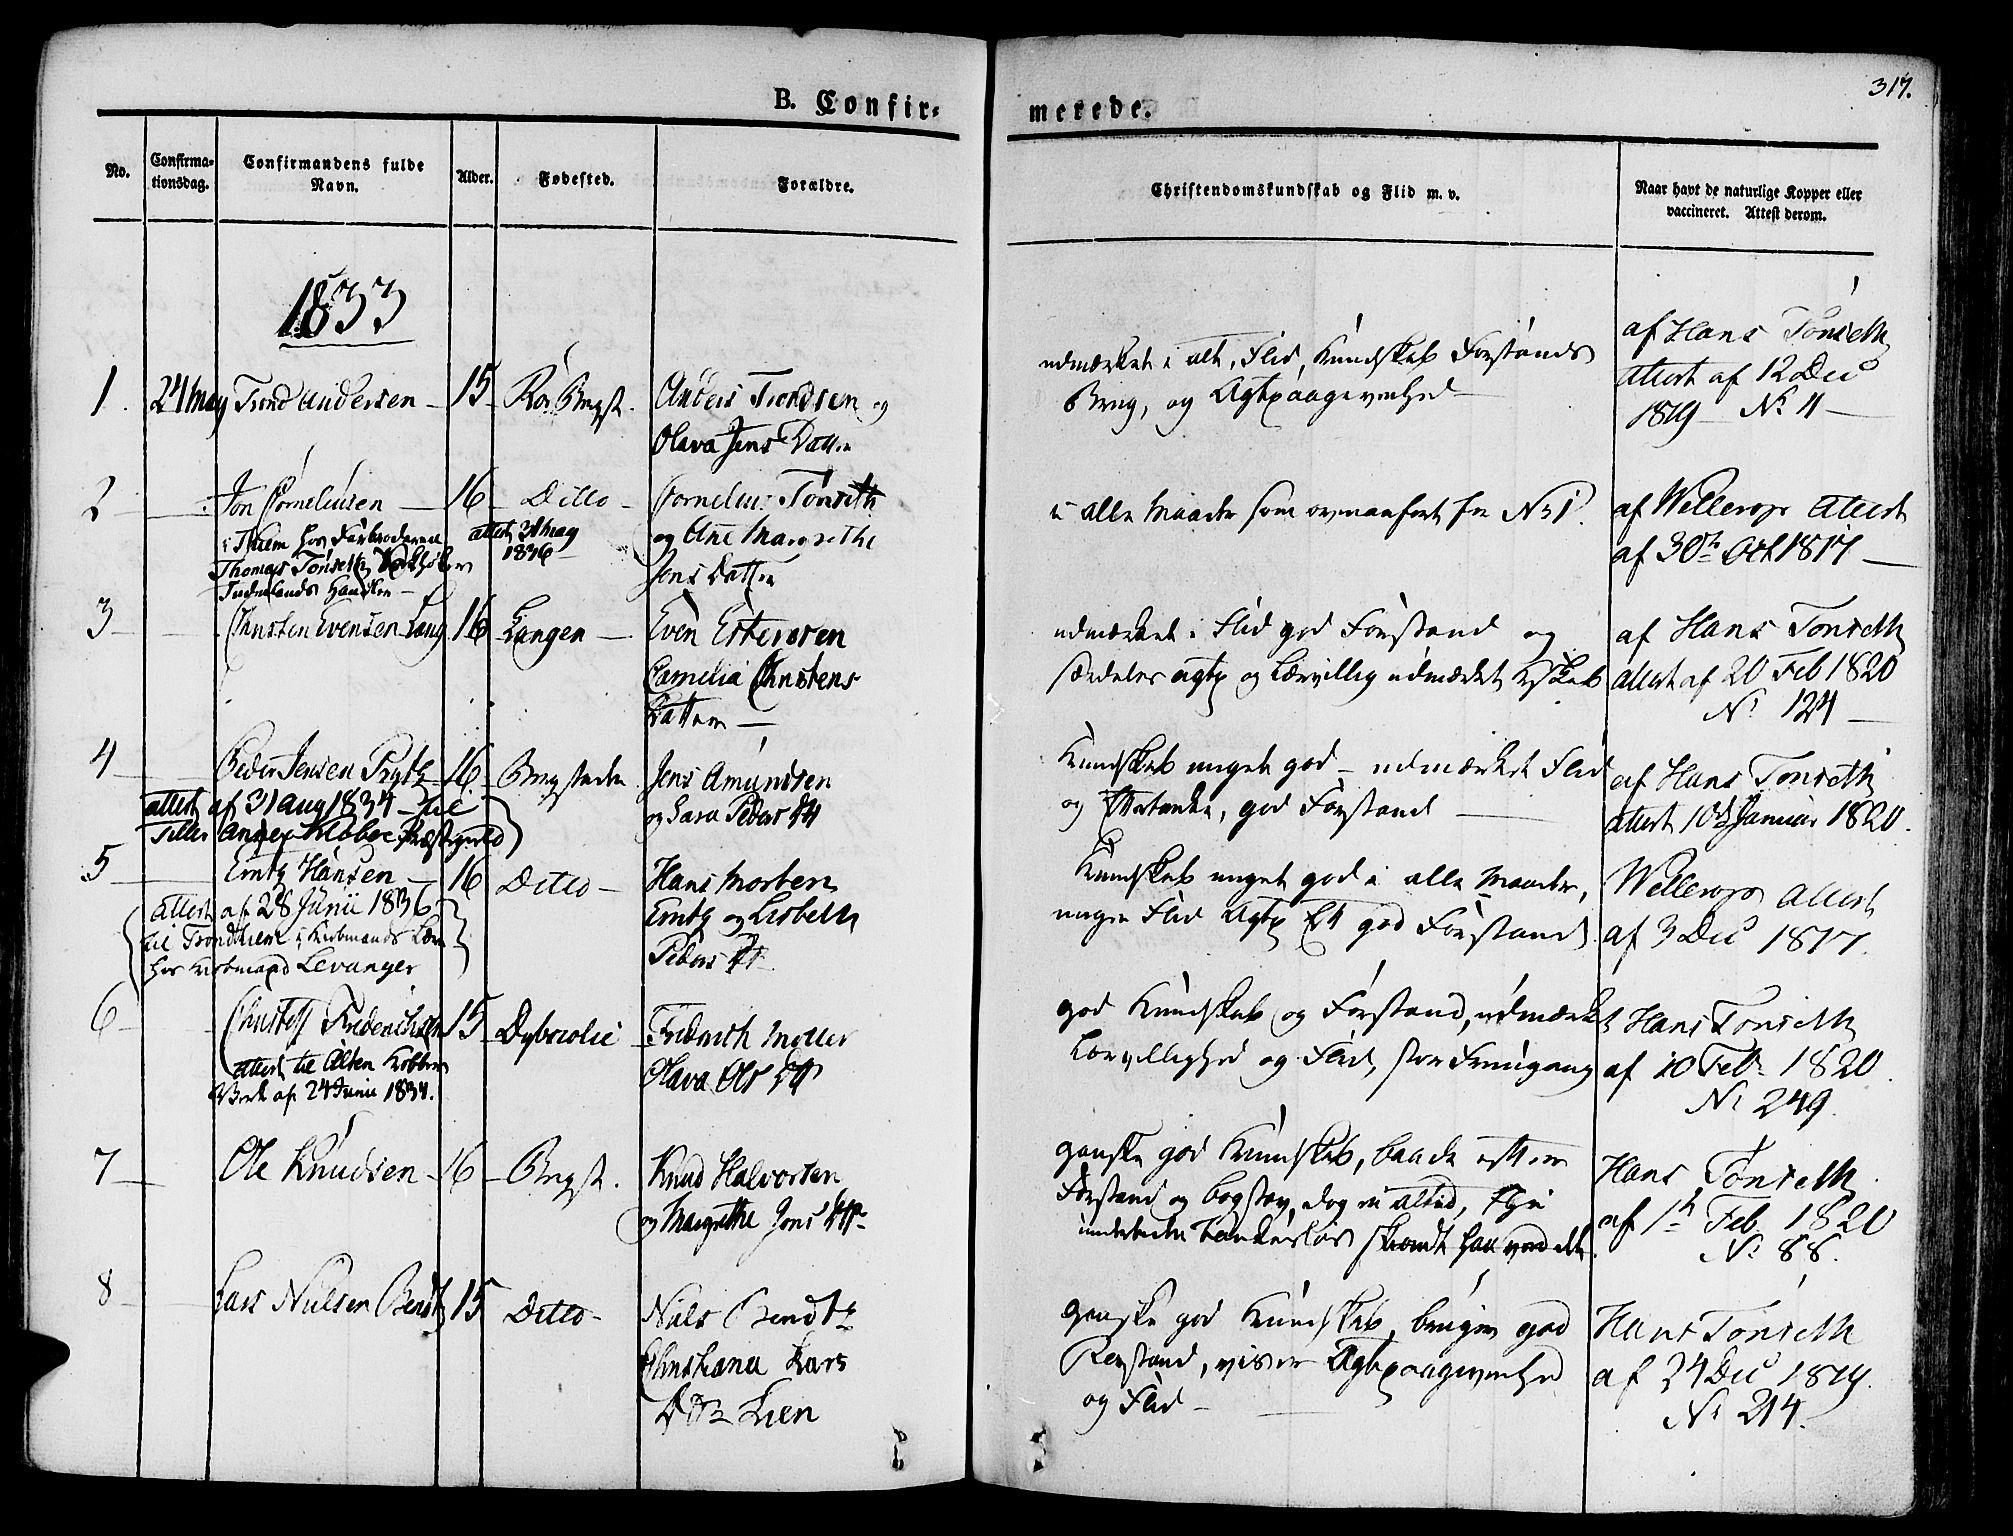 SAT, Ministerialprotokoller, klokkerbøker og fødselsregistre - Sør-Trøndelag, 681/L0930: Ministerialbok nr. 681A08, 1829-1844, s. 317